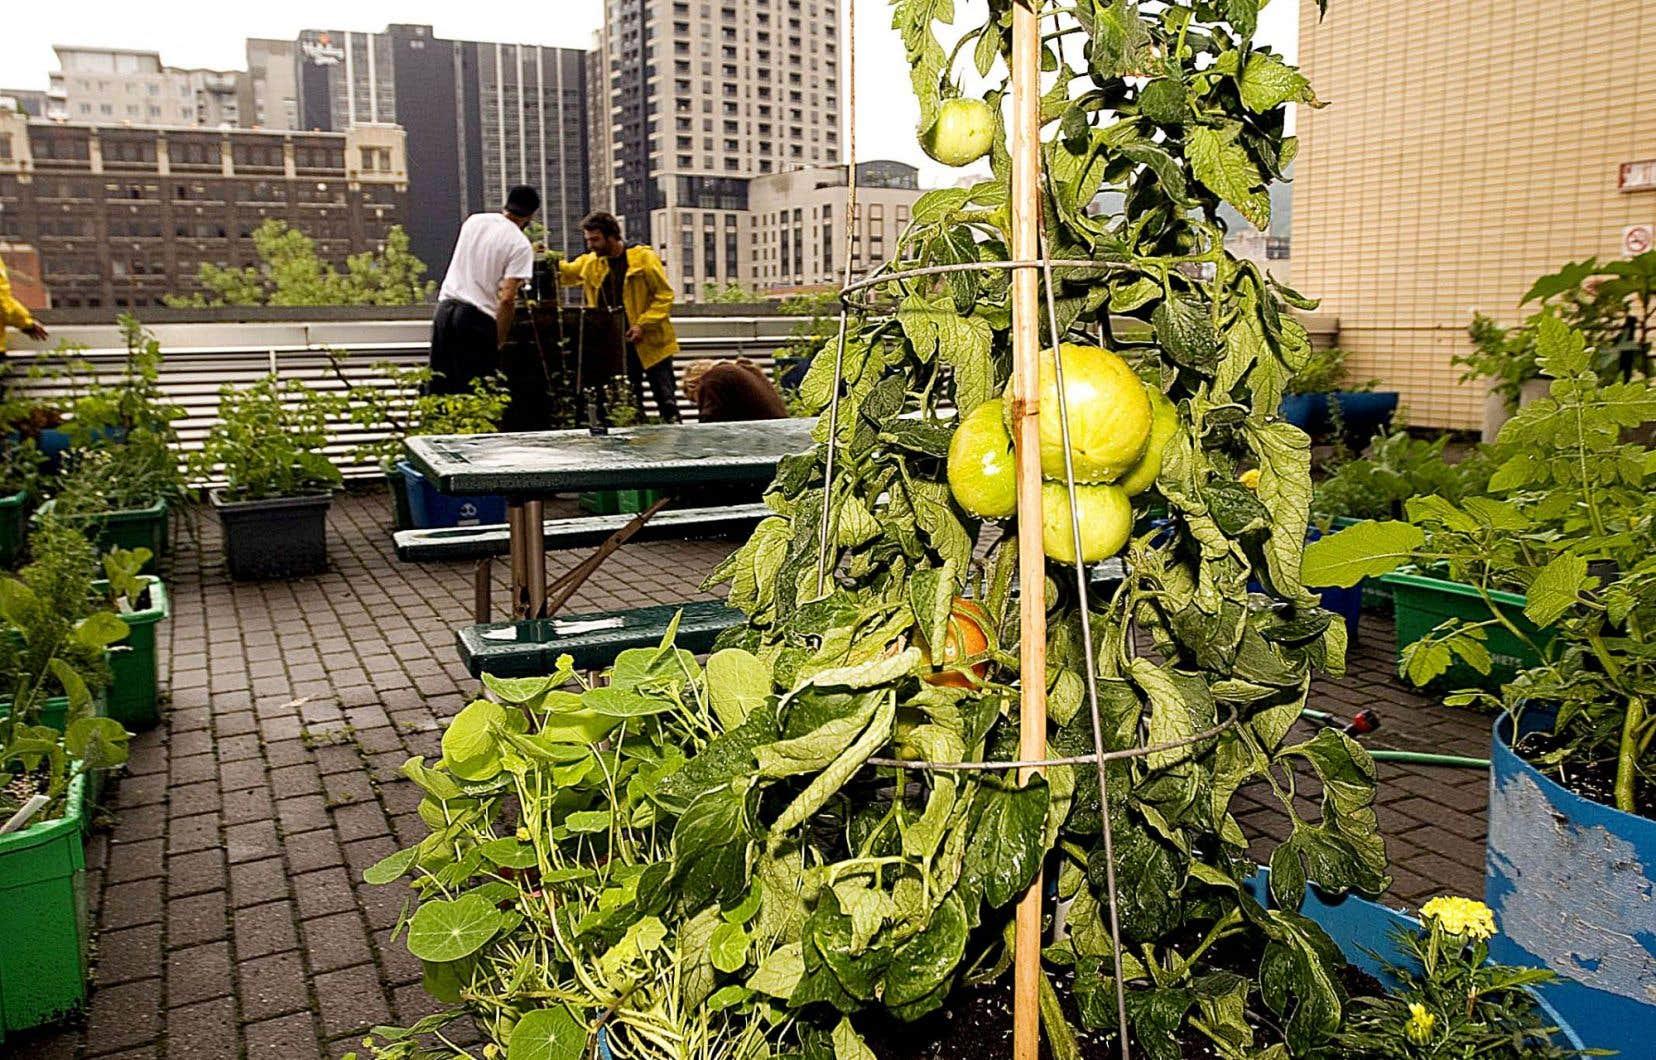 La tradition des jardins communautaires ne date pas d'hier à Montréal.